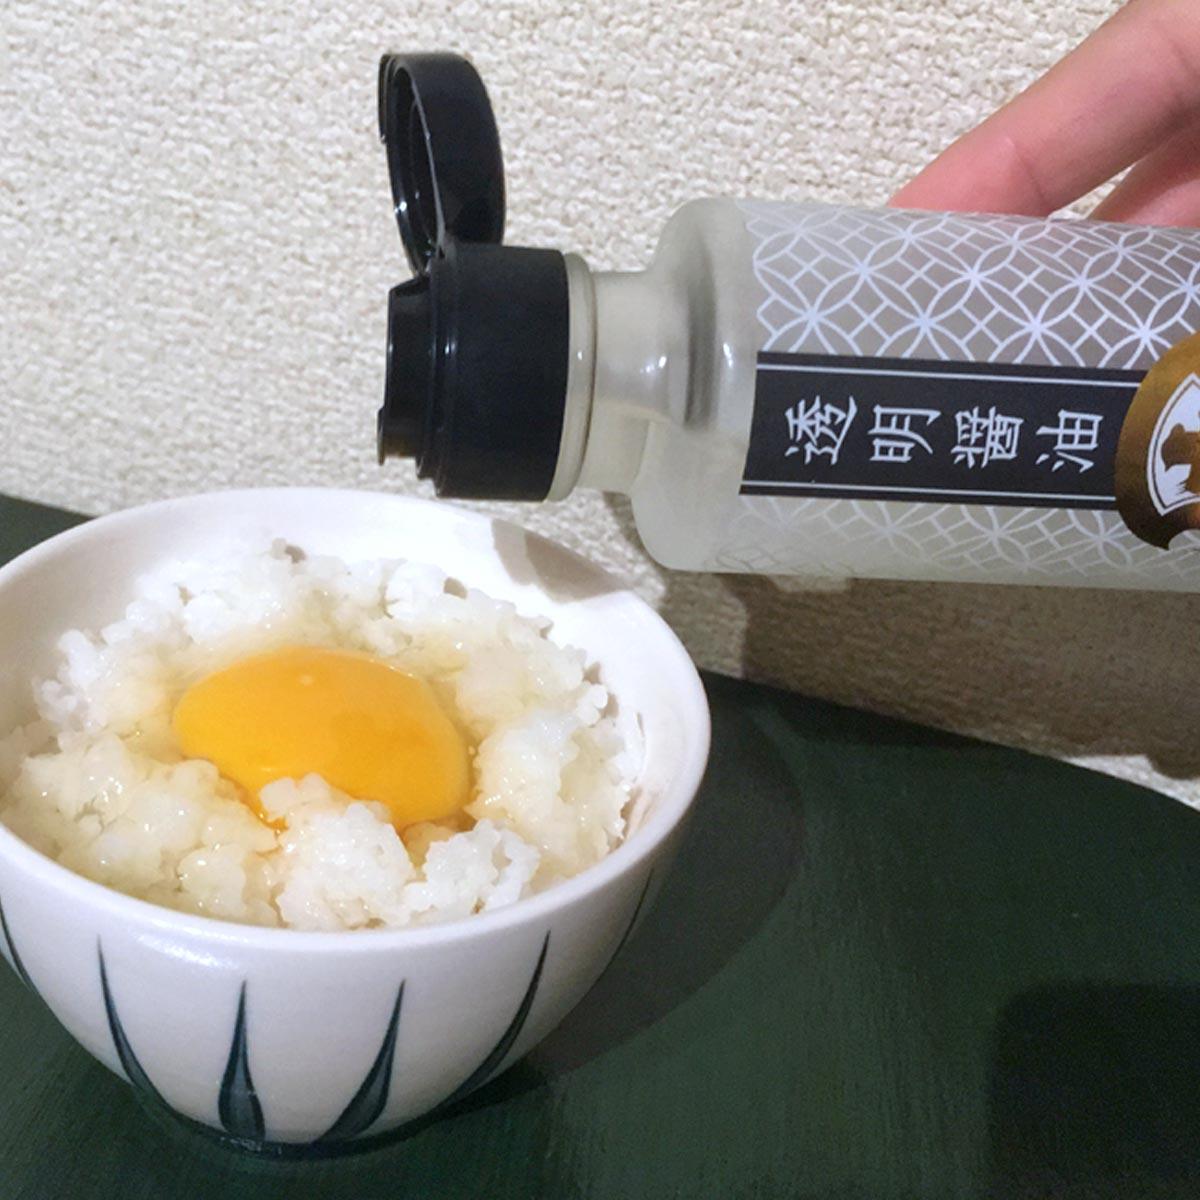 「透明な醤油」に「削るドレッシング」? 調味料の進化がすごい!